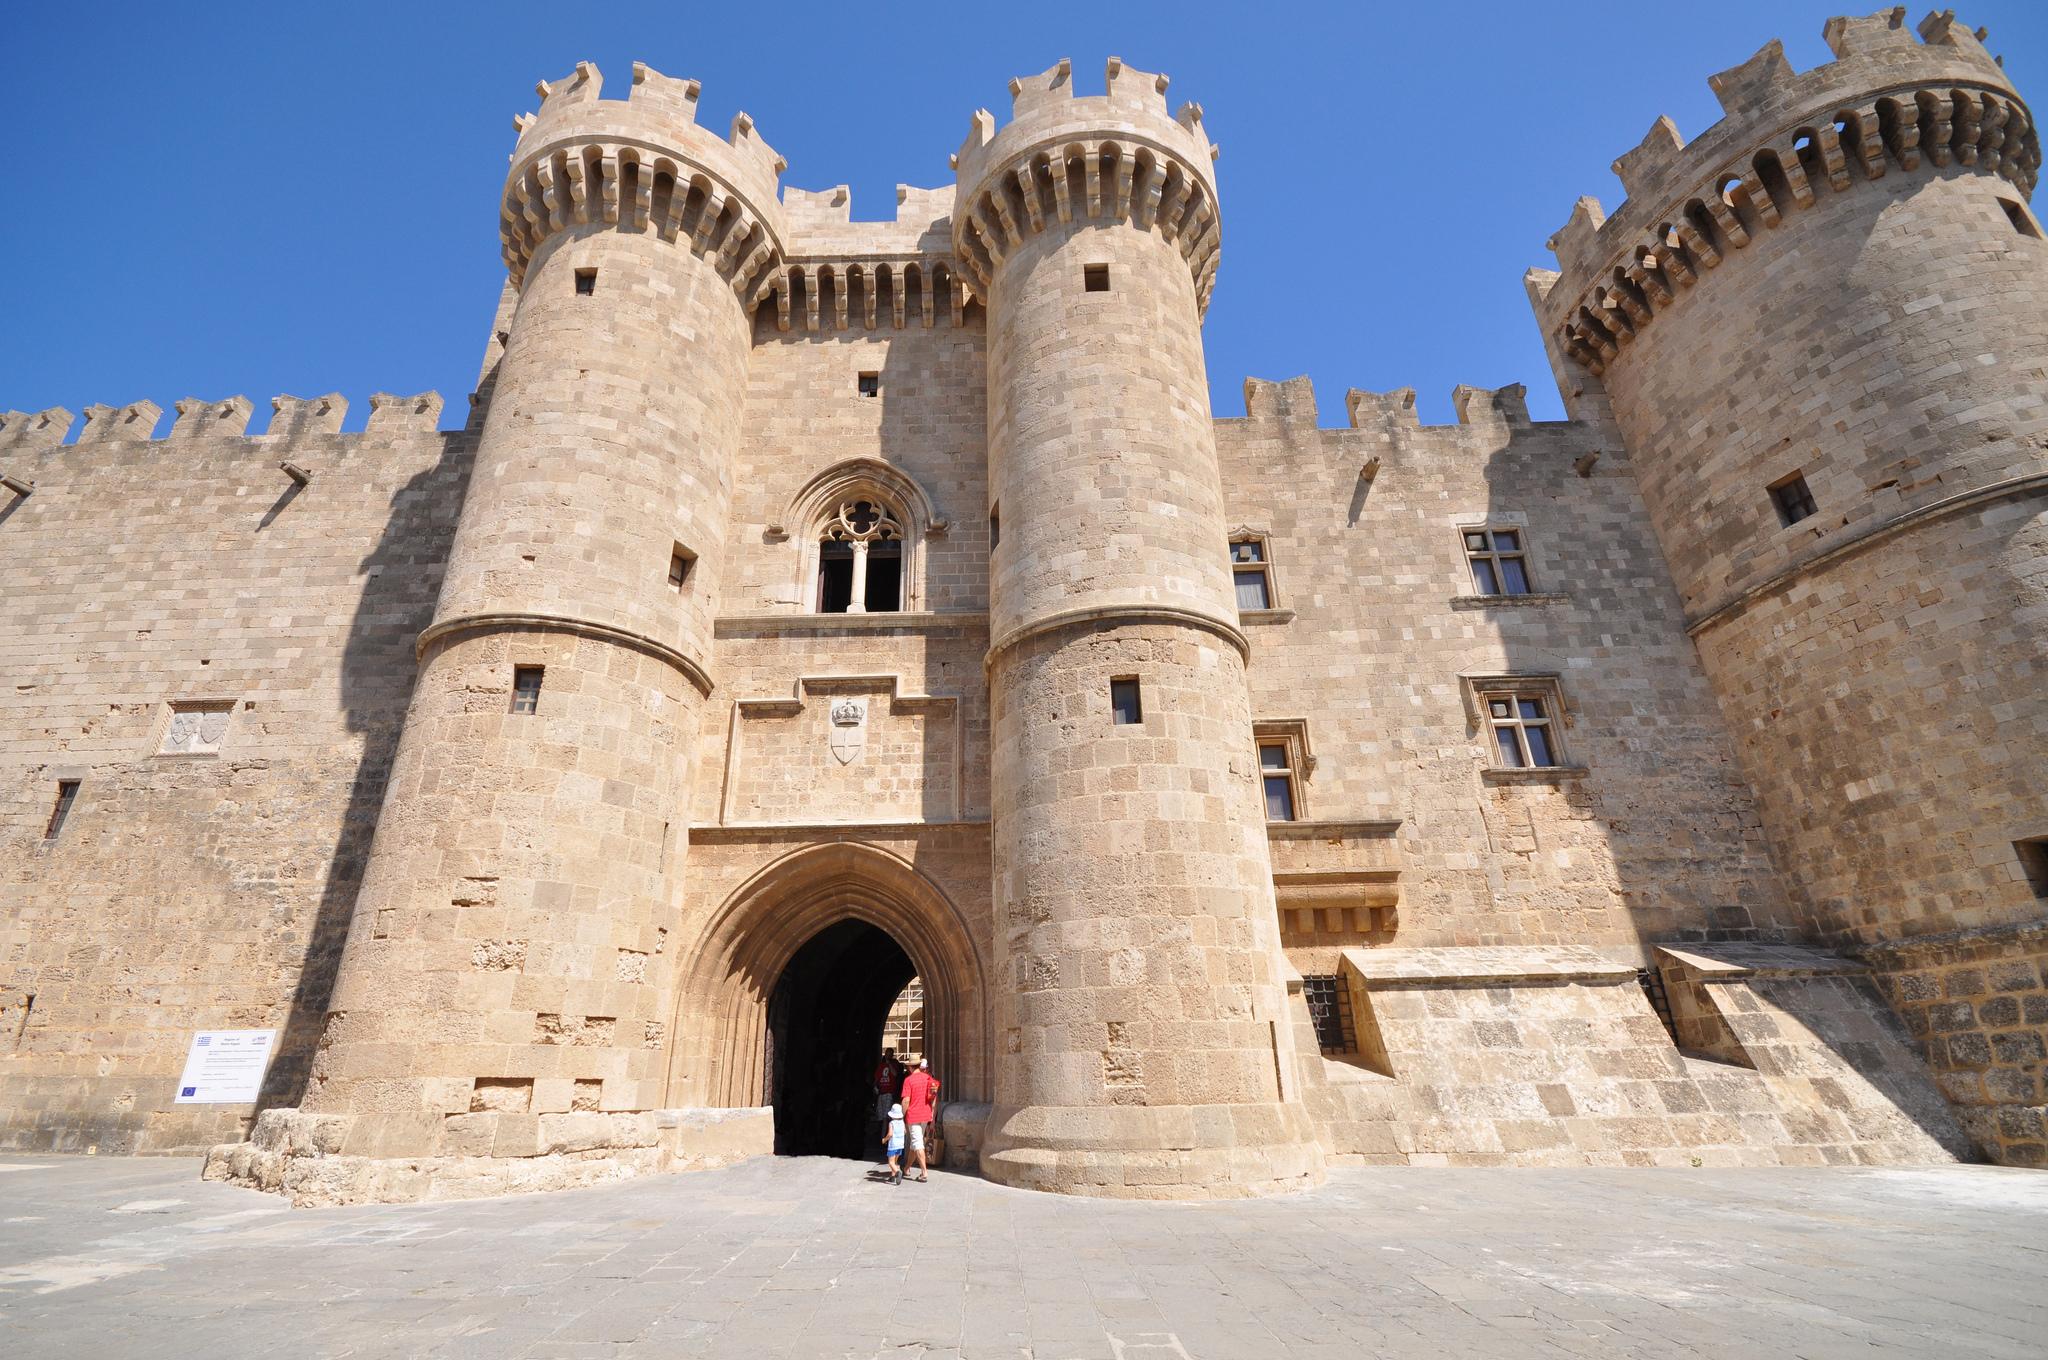 Дворец, бывшая резиденция великого магистра Родосского ордена